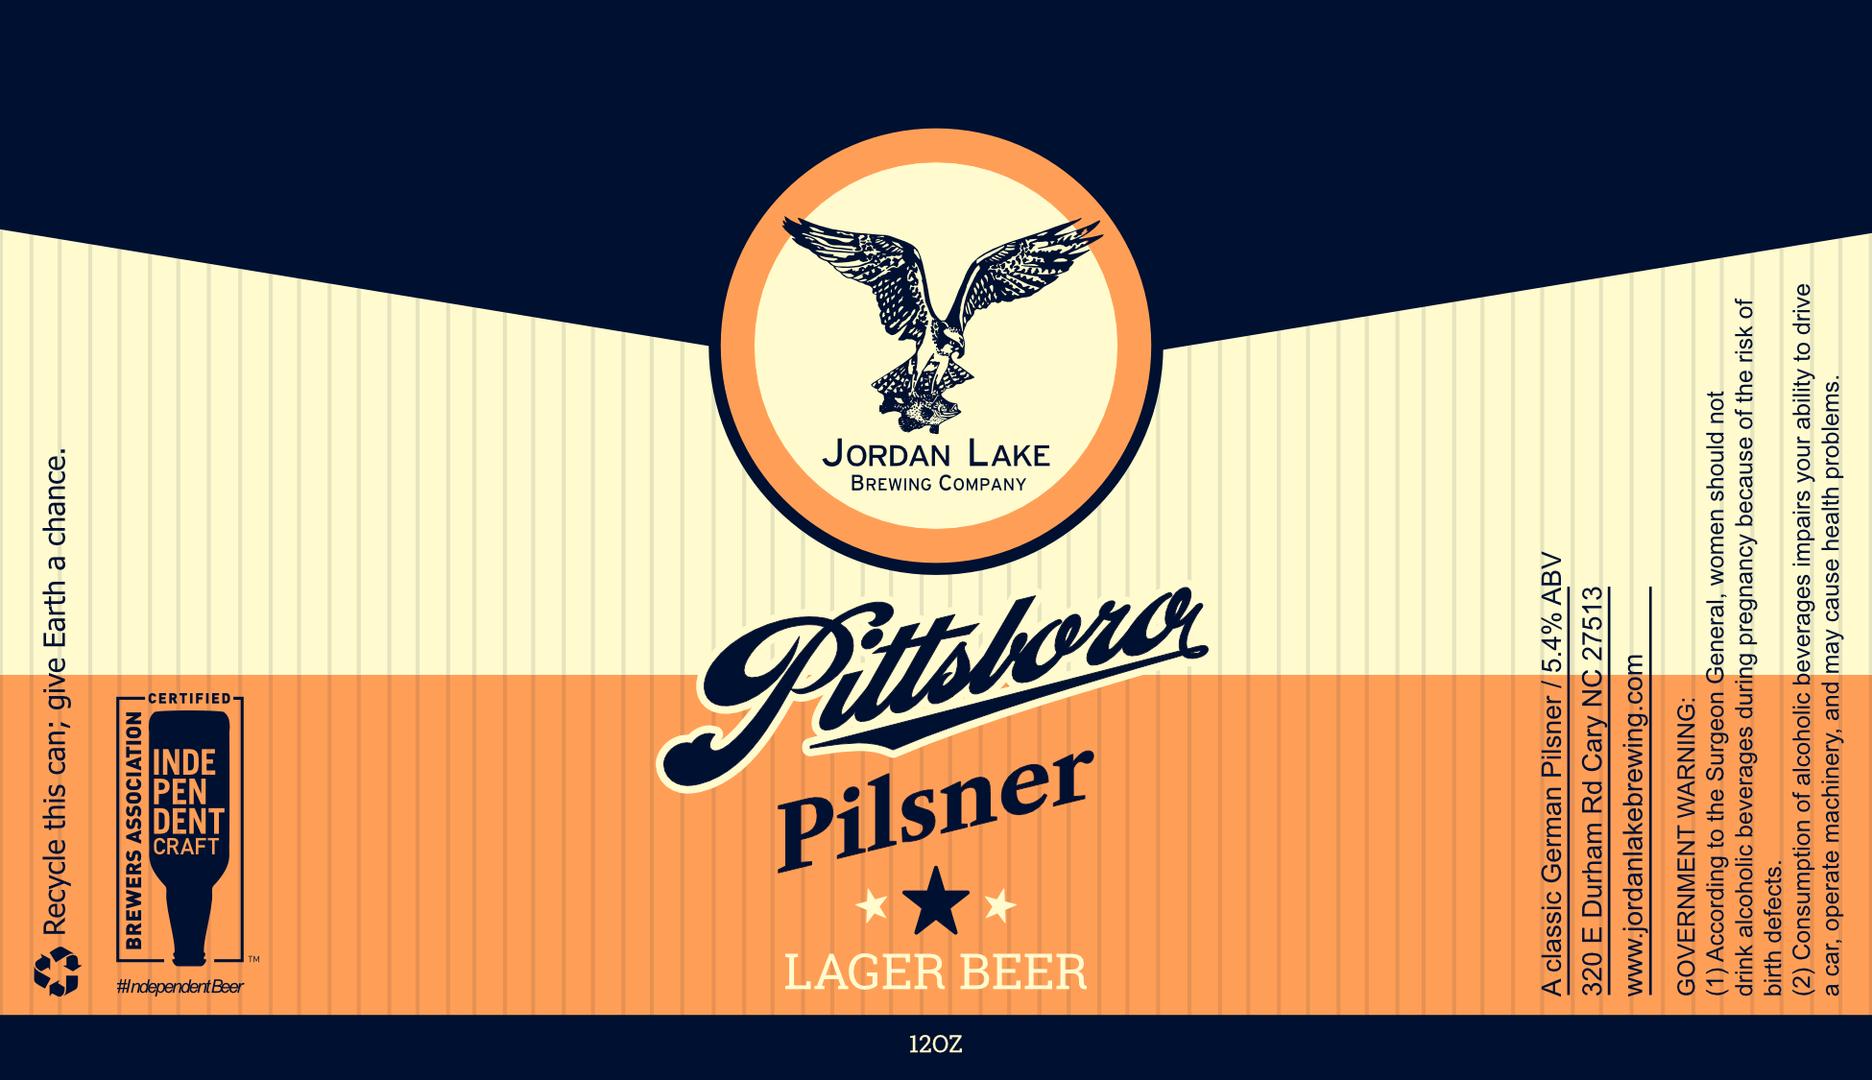 Pittsboro Pilsner - Jordan Lake Brewing Co.